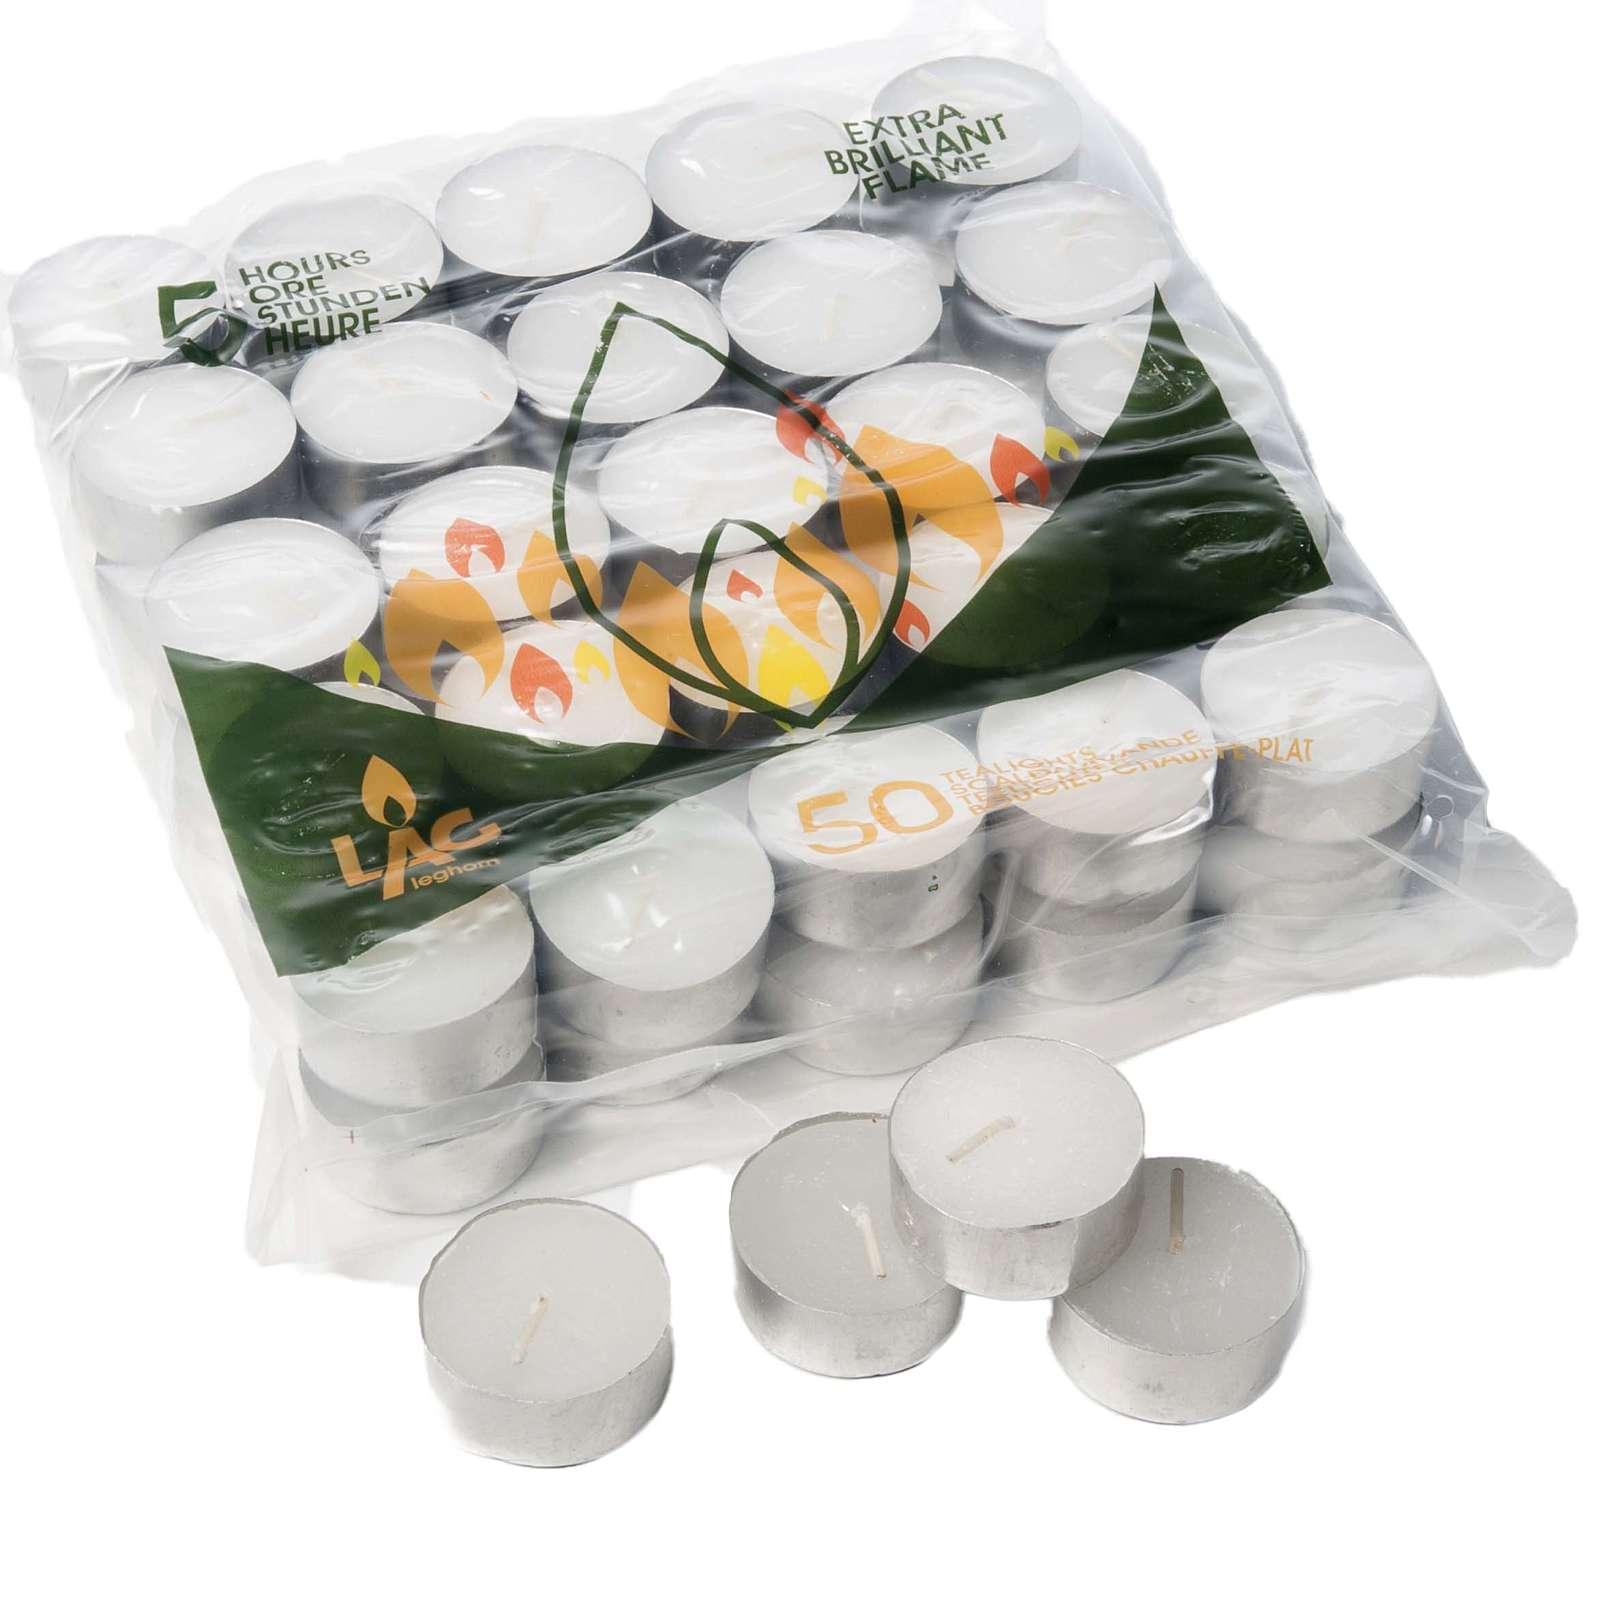 Vela tealights 5 horas 16 gramas (caixa) 3